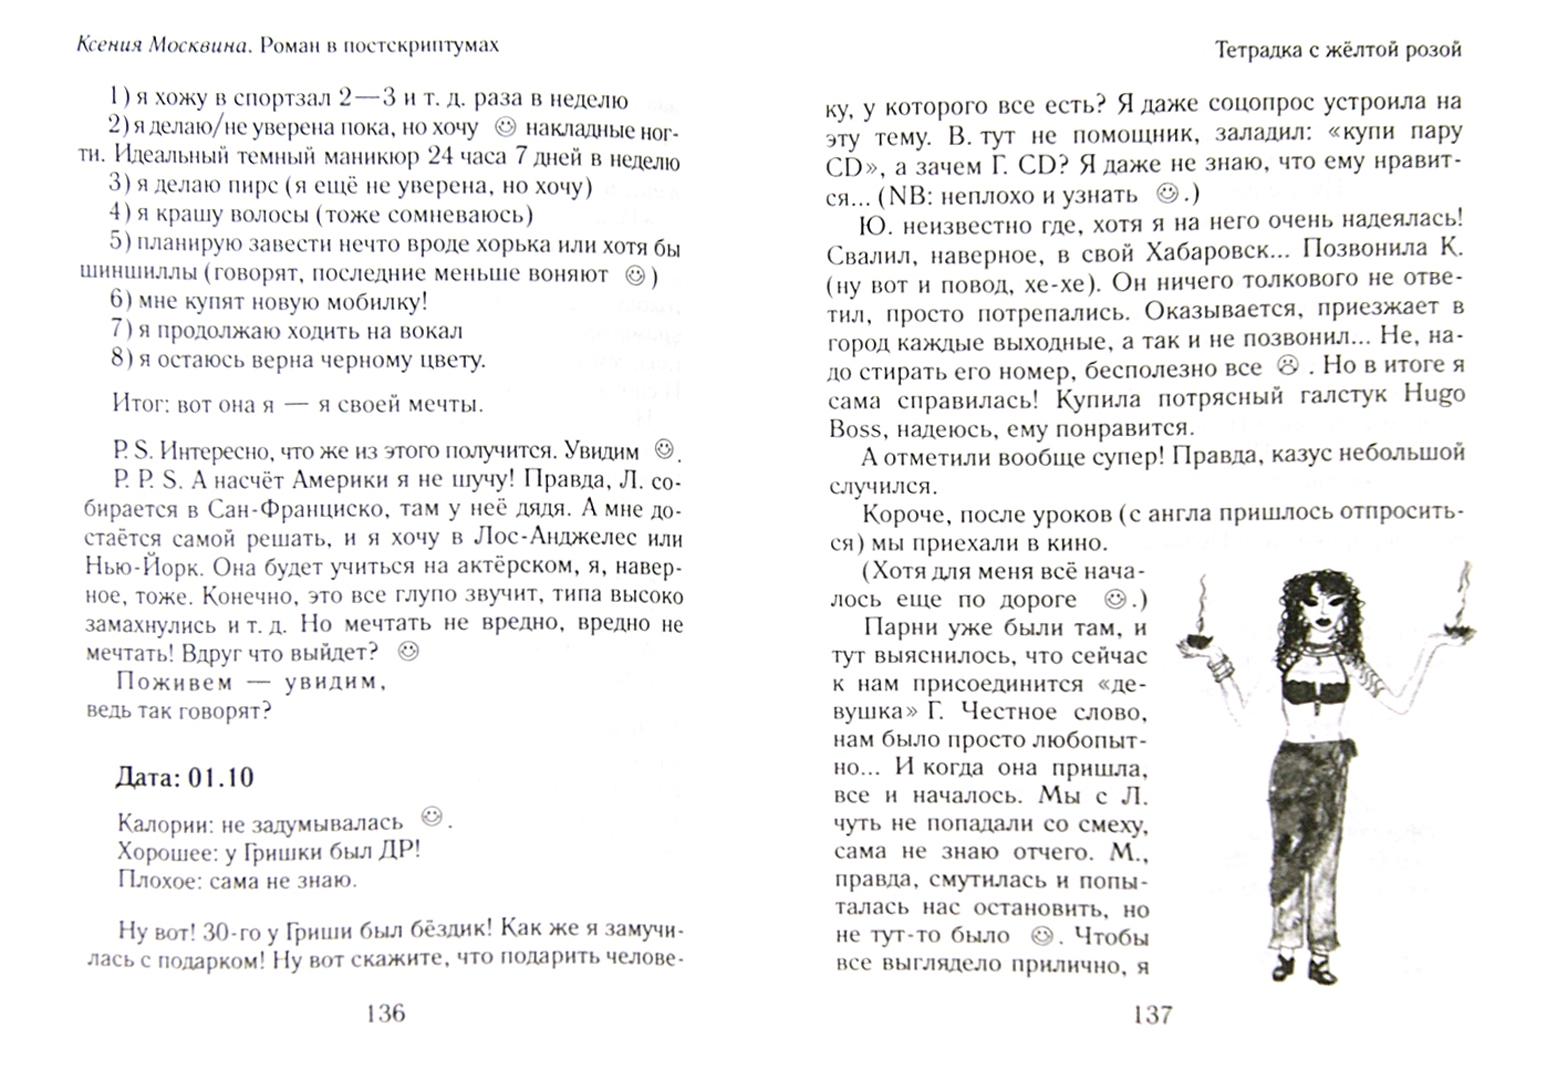 Иллюстрация 1 из 10 для Роман в постскриптумах - Ксения Москвина | Лабиринт - книги. Источник: Лабиринт